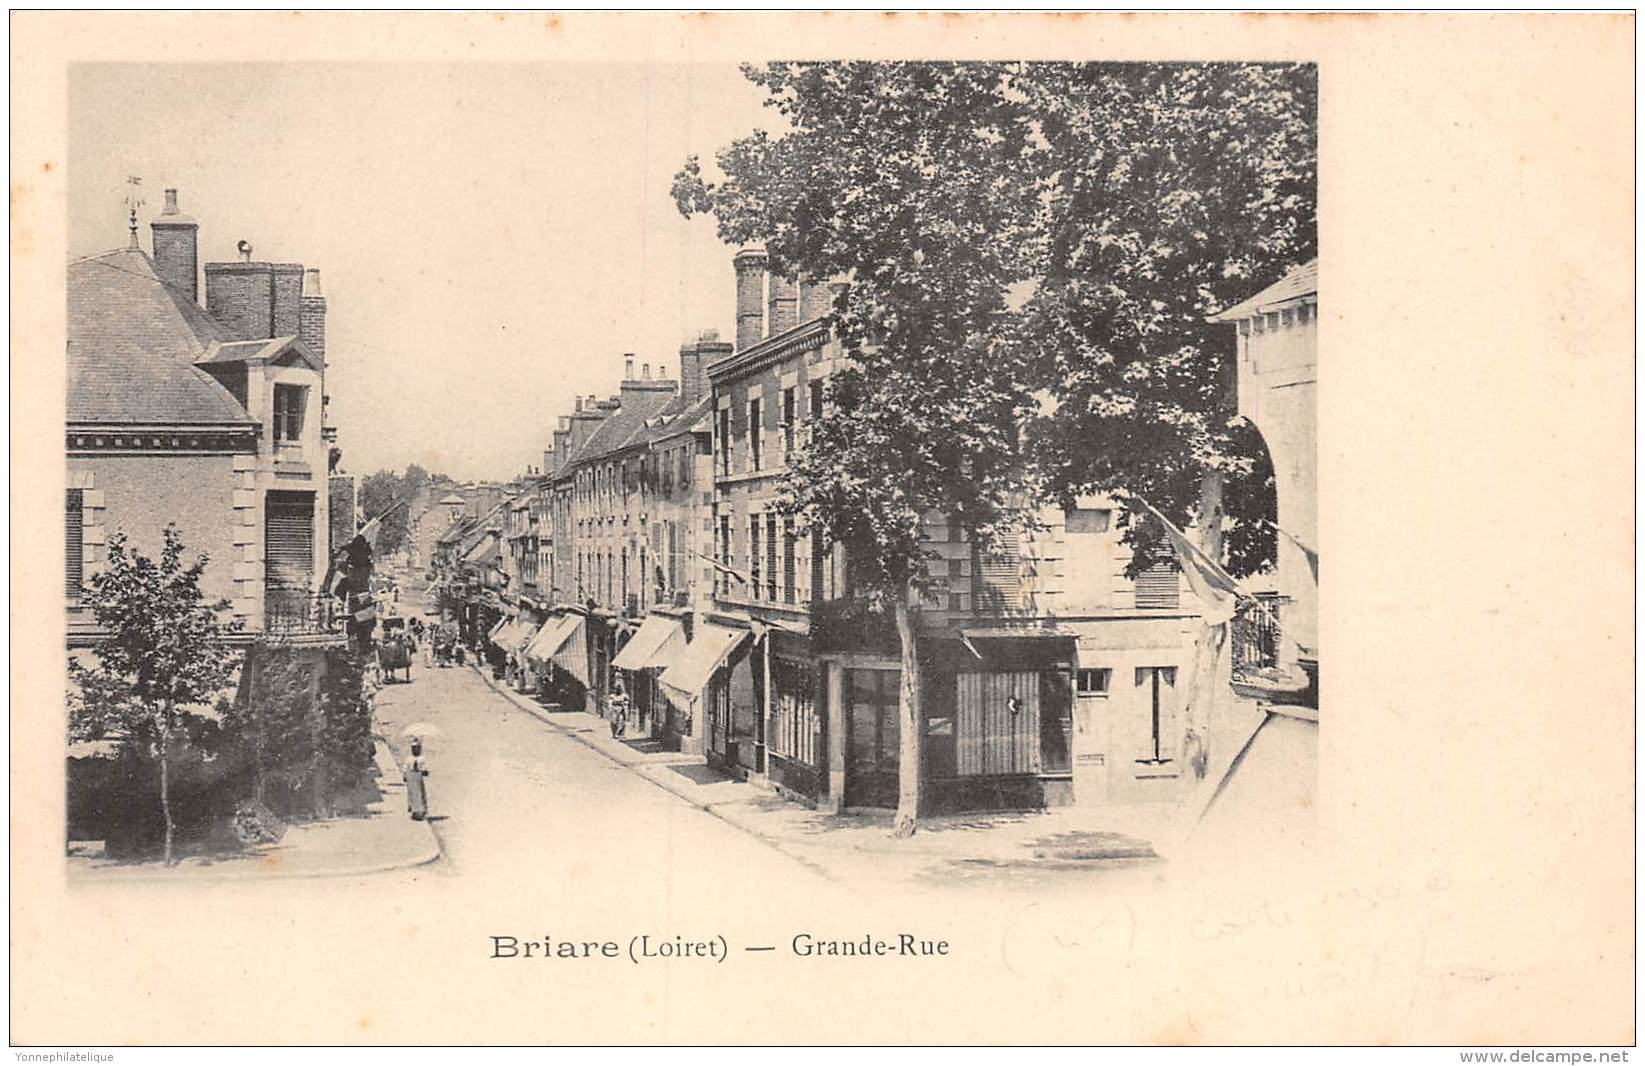 45 - LOIRET / Briare - 451419 - Grande Rue - Briare